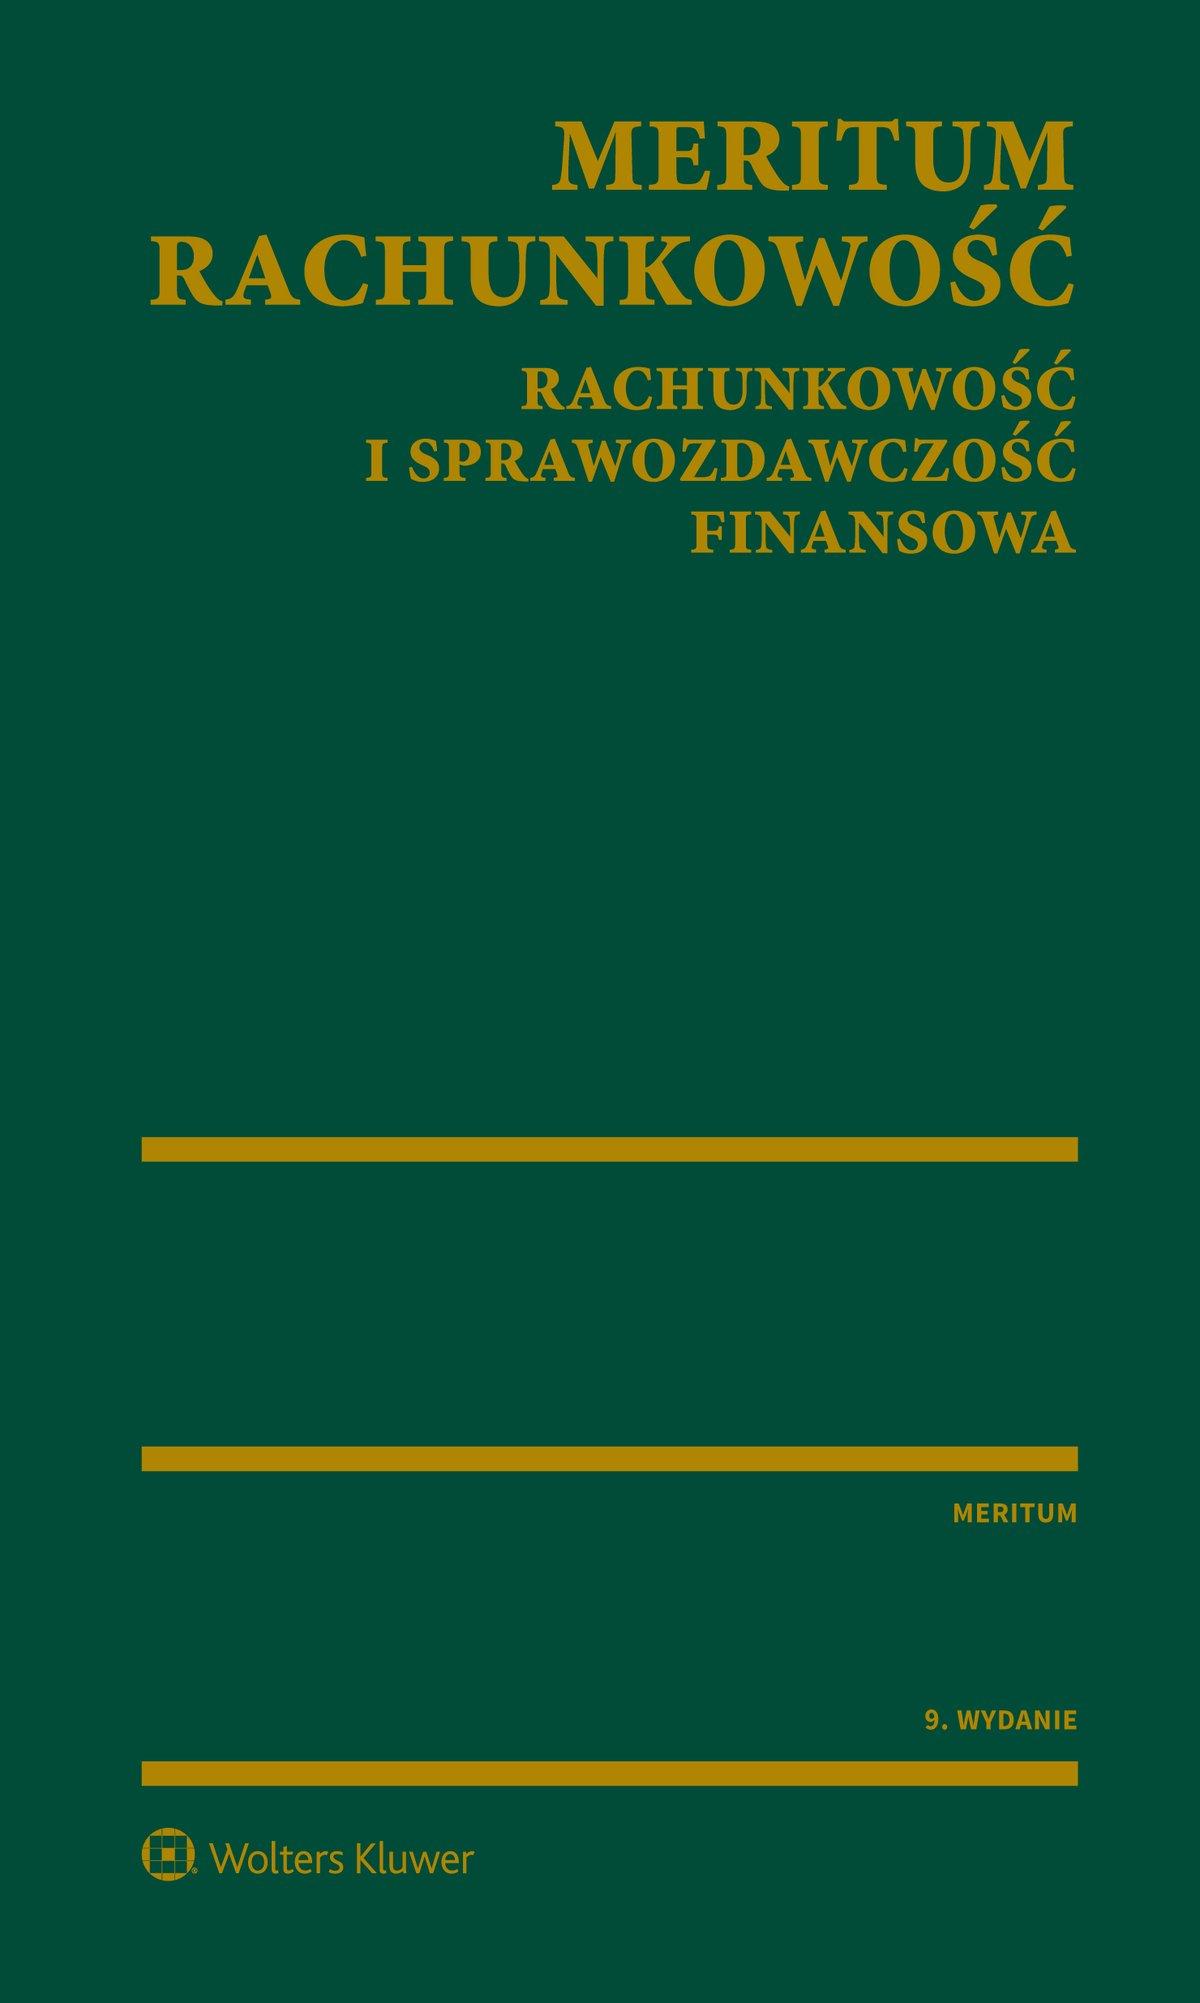 MERITUM Rachunkowość. Rachunkowość i sprawozdawczość finansowa - Ebook (Książka PDF) do pobrania w formacie PDF